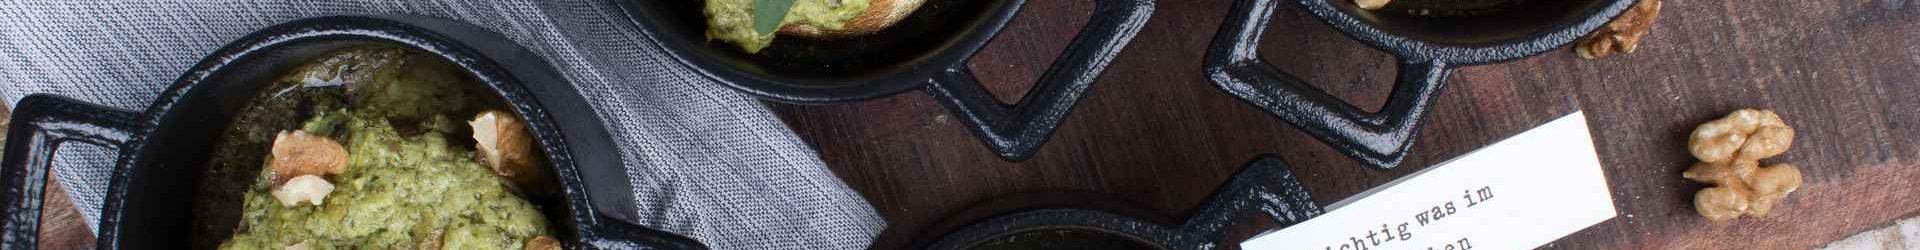 Gefüllte Champignons mit Speck und Feta-Dip